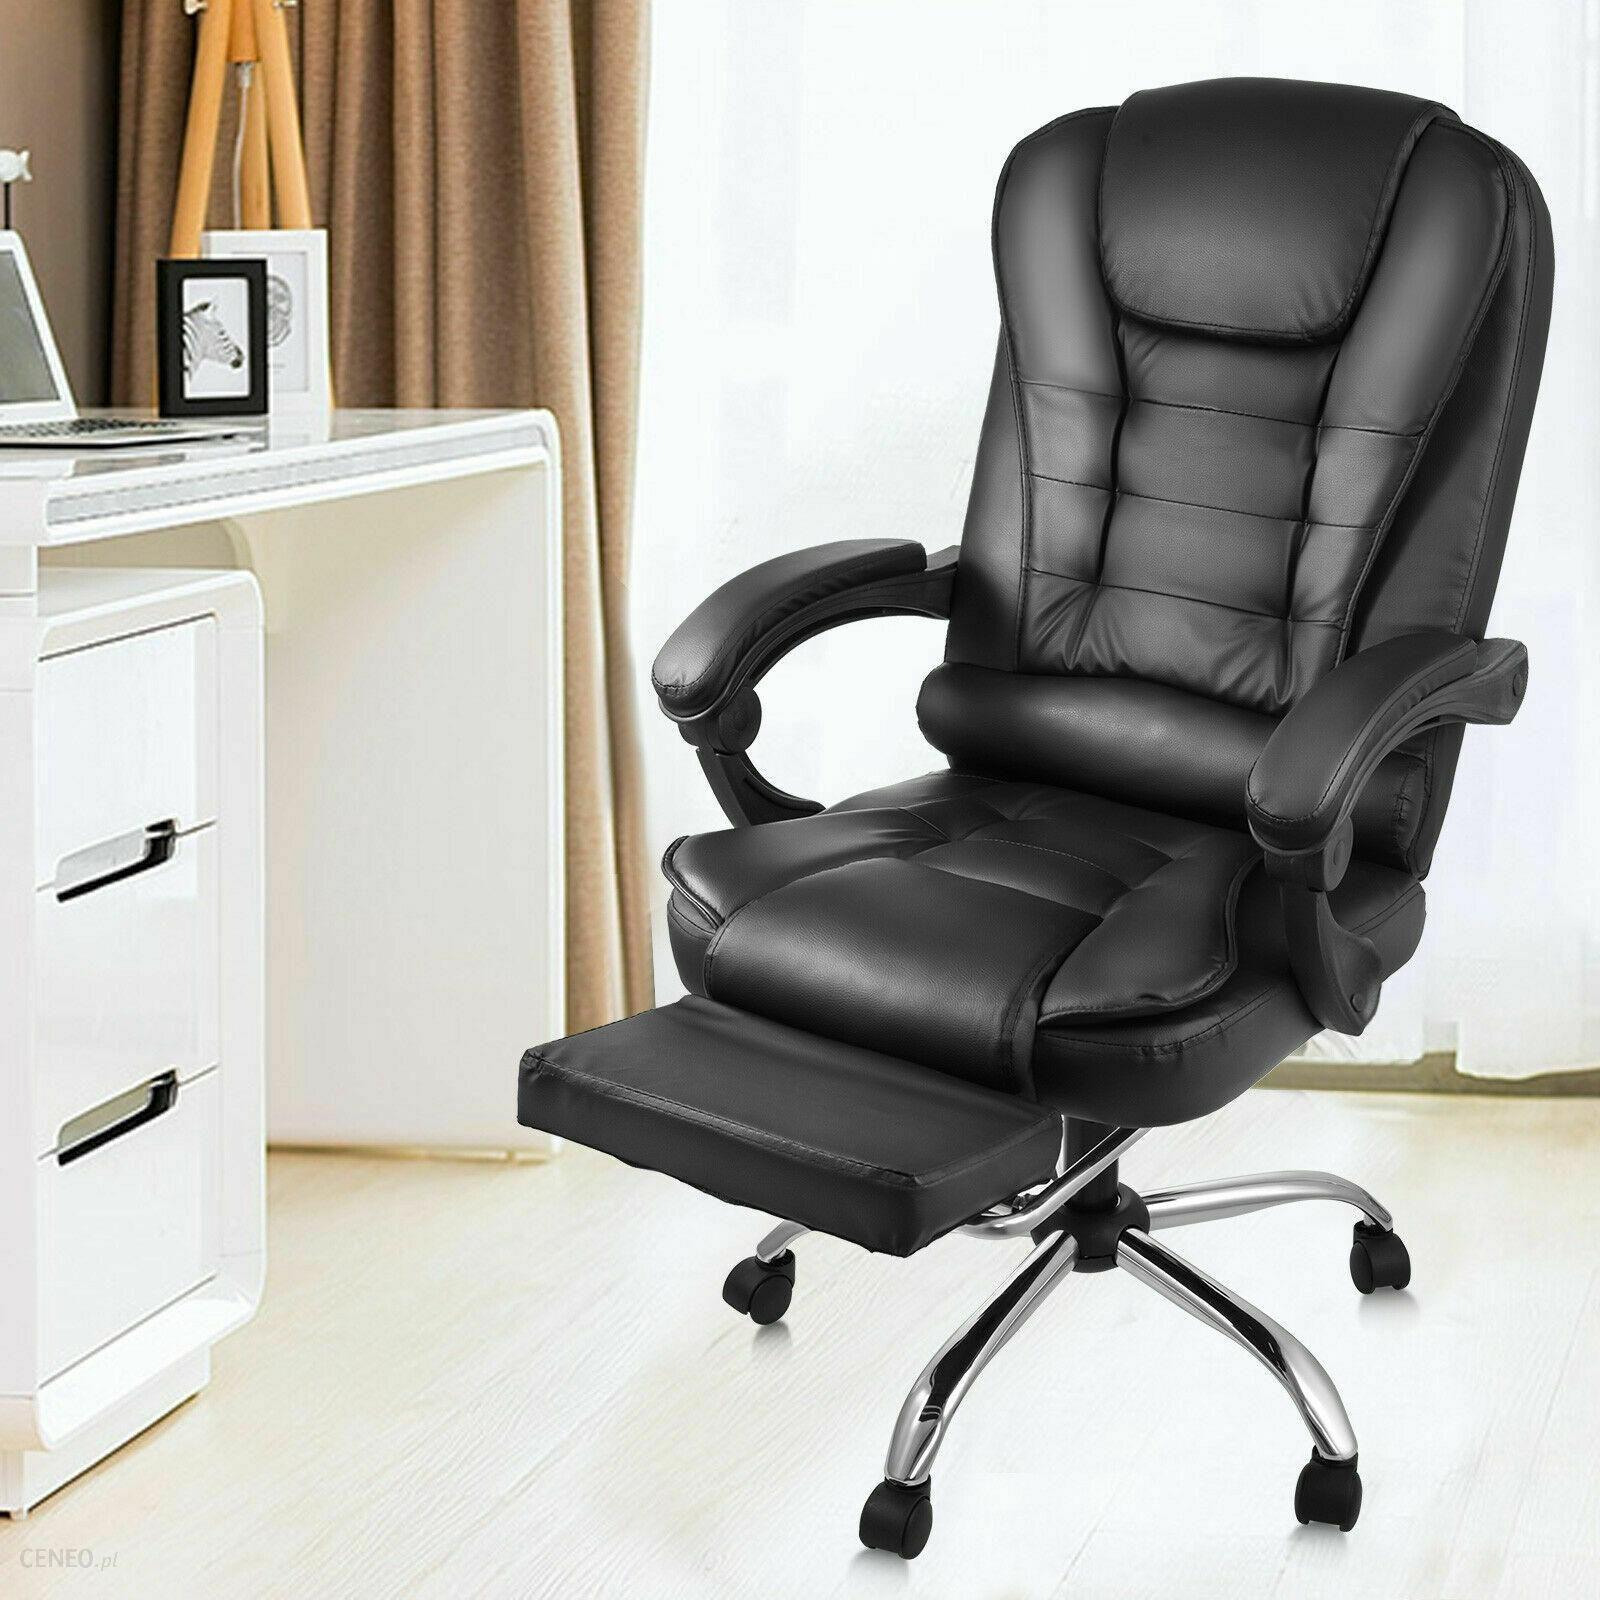 Fotel Obrotowy Biurowy Dyrektorski Krzesło Biurowe Ceny i